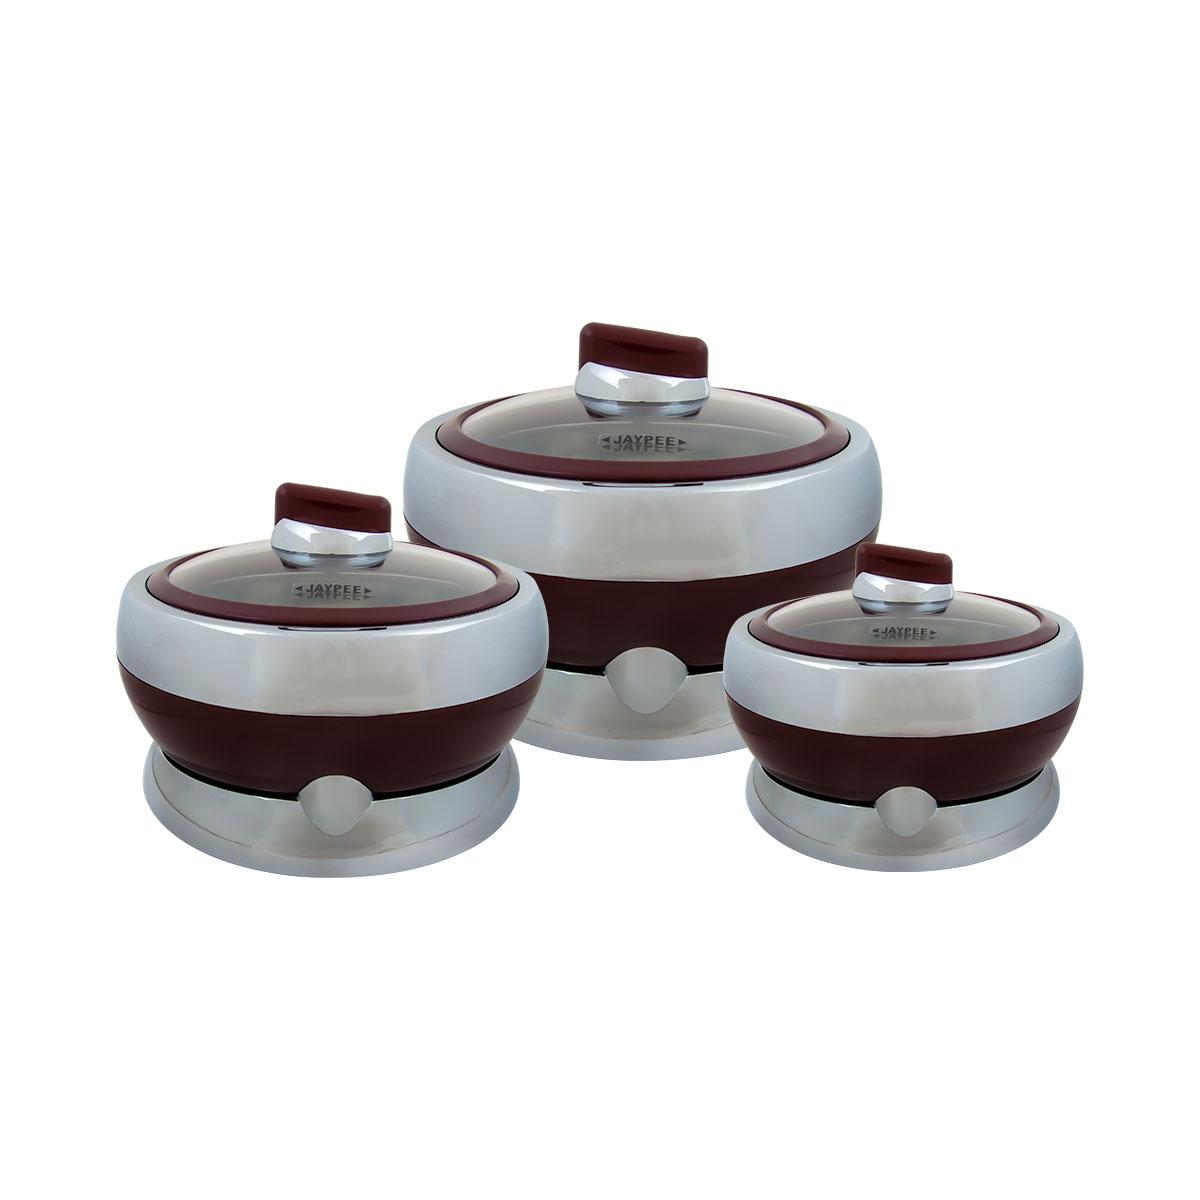 حافظات طعام بلاستيك جايبي بغطاء زجاج طقم 3 مقاسات مختلفة لون بني رقم JAY999002